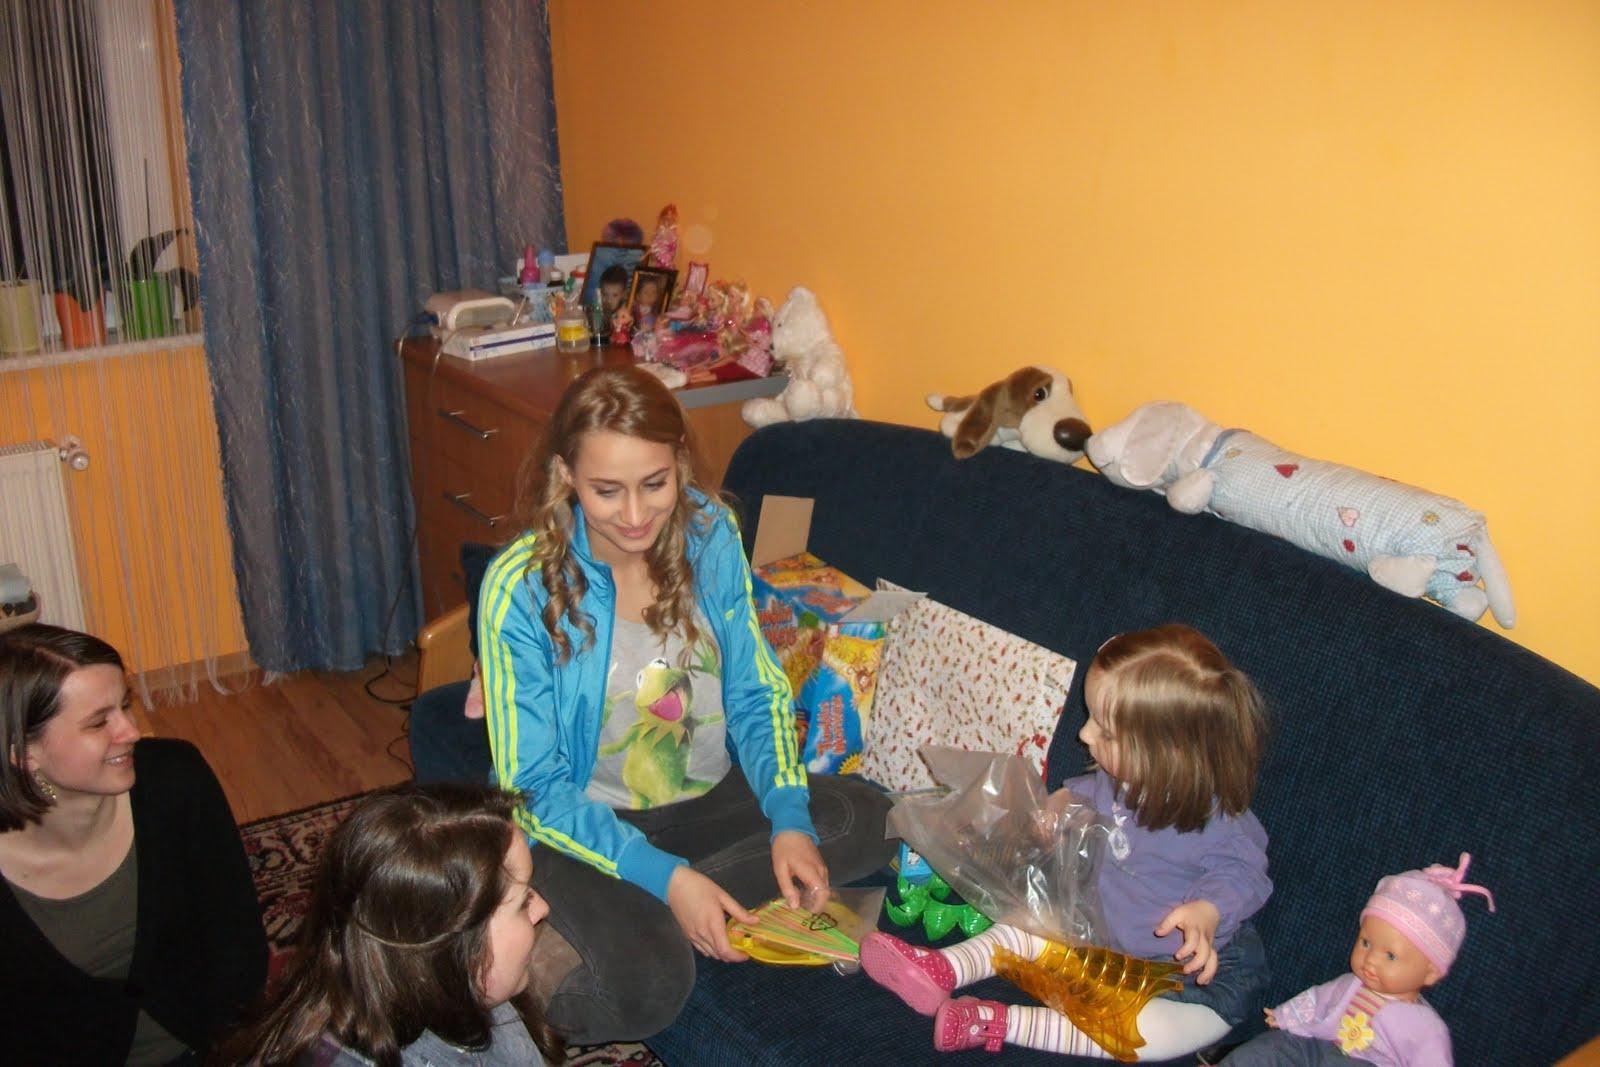 Julka Rosnowska ( serialowa Julia) wspólnie z wolontariuszami MHD odwiedziła w niedzielny wieczór Gabrysię i jej rodzinę. Obie Panie wystąpiły razem w spocie promującym kampanię Pomóż Budować